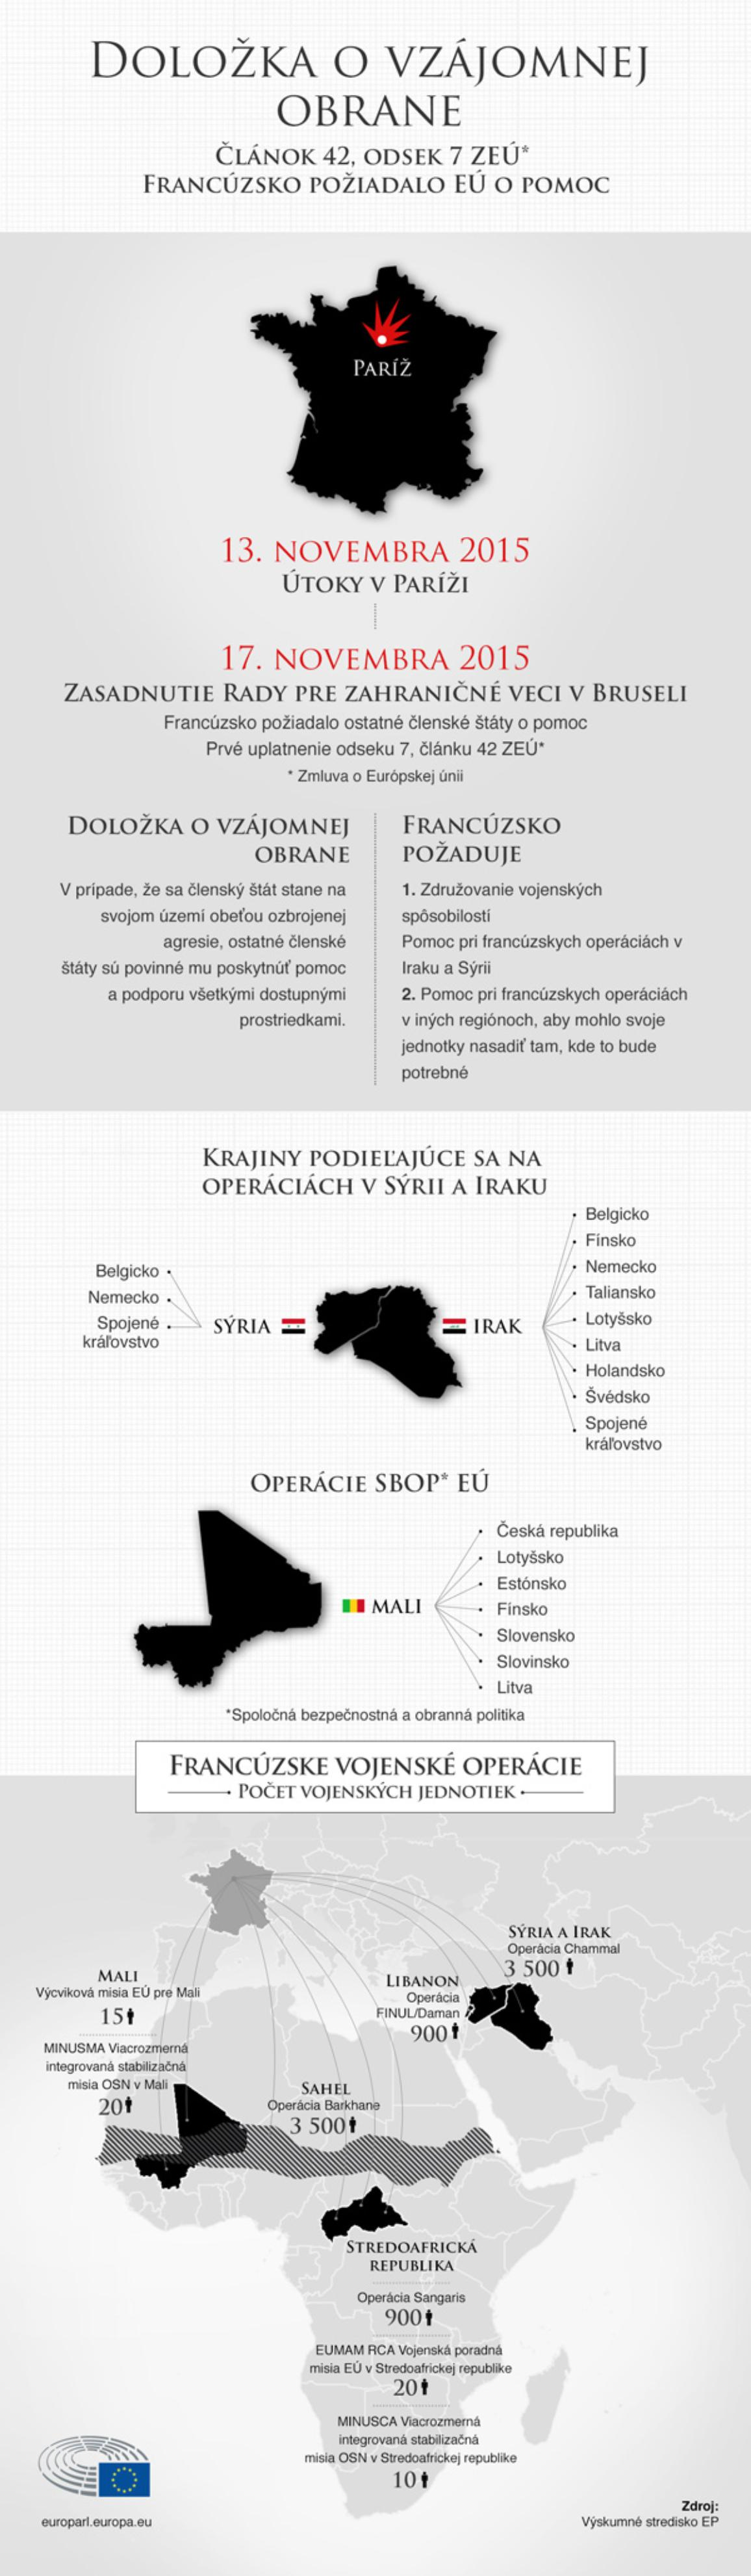 infografika o doložke o vzájomnej obrane